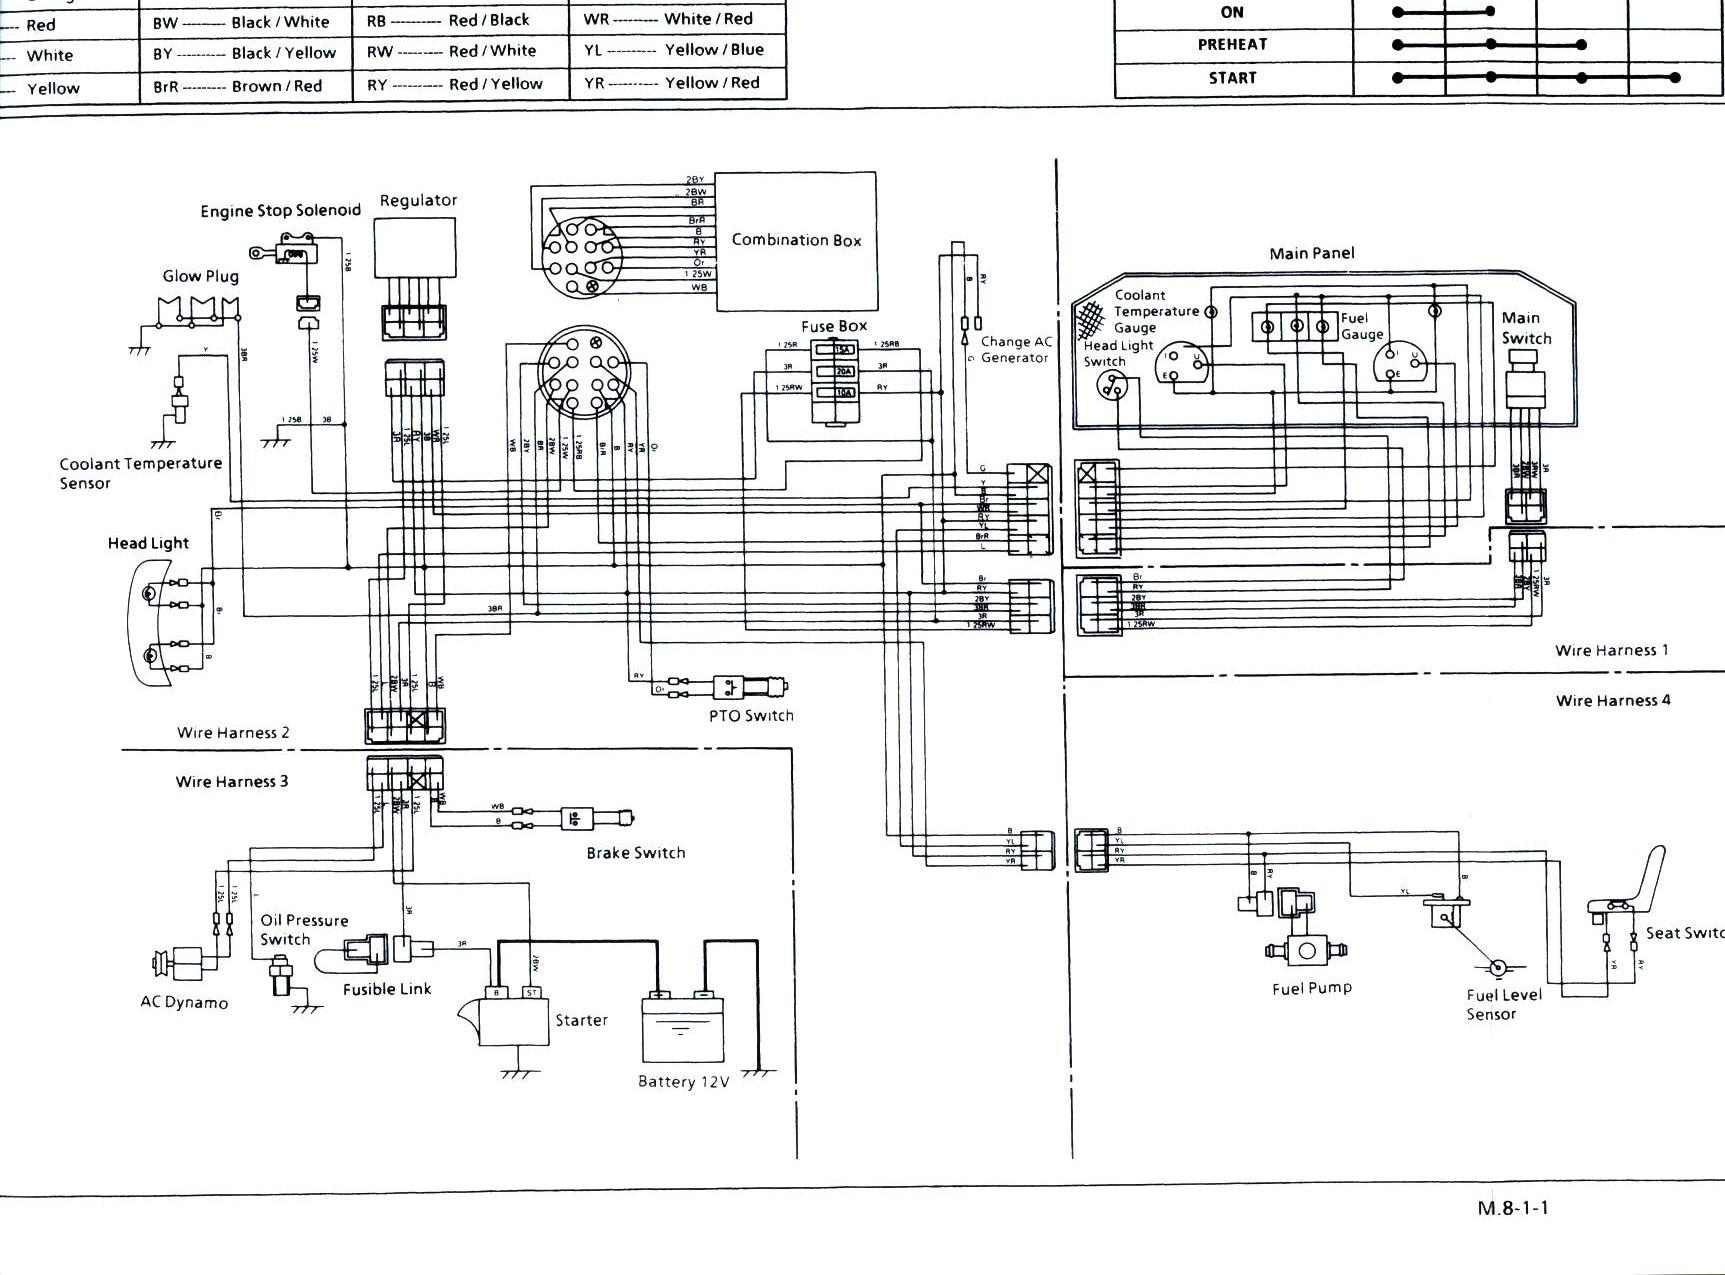 Kubota Electrical Wiring Diagram E Generator Rtv Plow Image Radio On